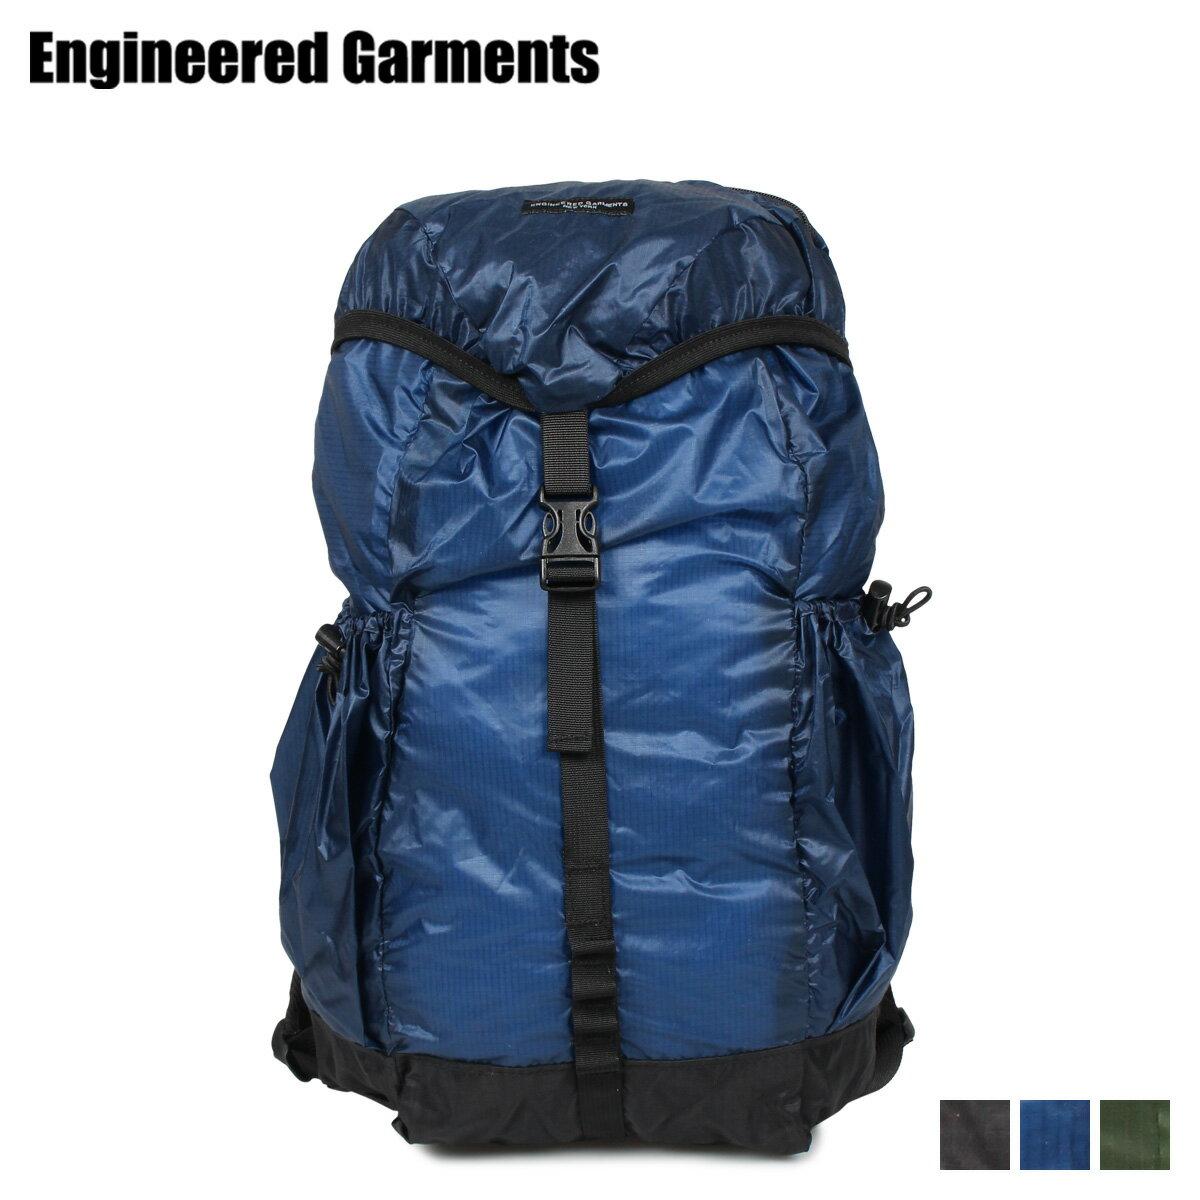 男女兼用バッグ, バックパック・リュック 2000OFF ENGINEERED GARMENTS UL BACKPACK 19FH020